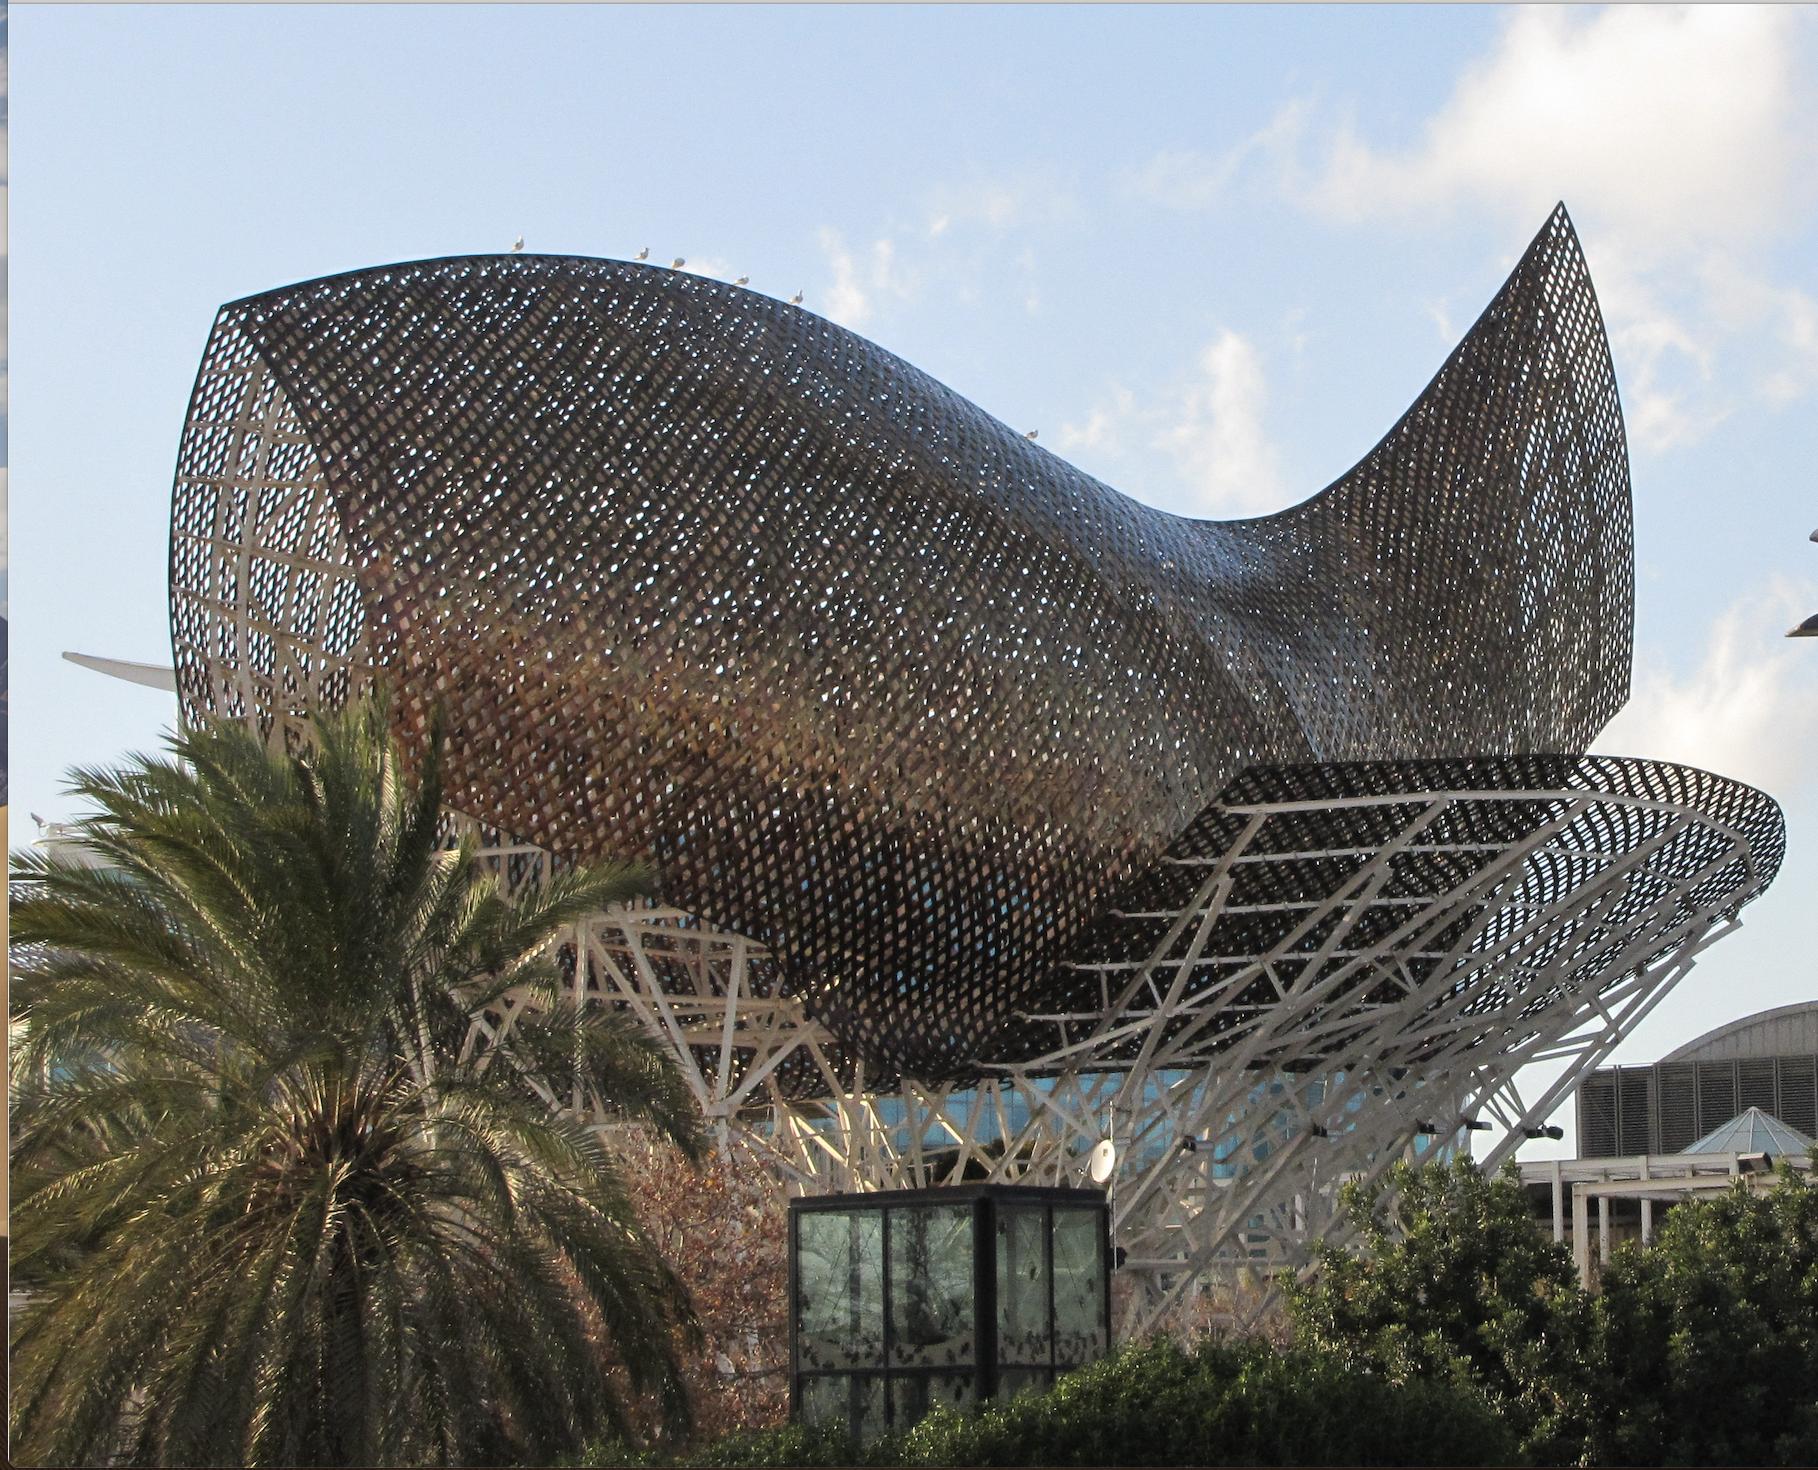 Barcelone à l'écran : dynamiques coréalisatrices d'une biographie urbaine